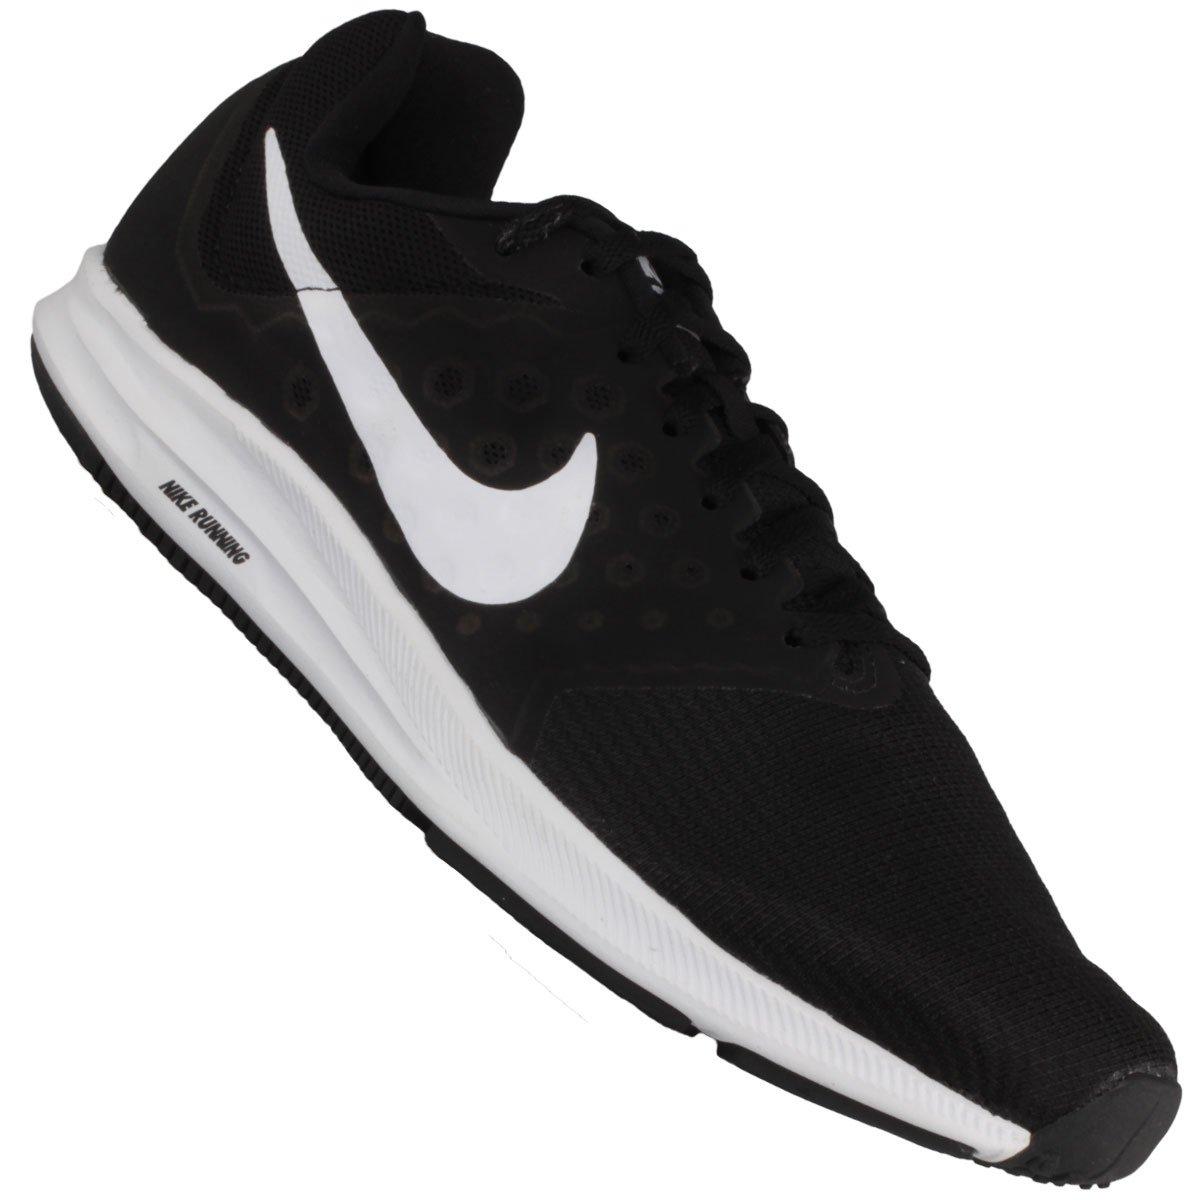 9d540401c6 Tênis Nike Downshifter 7